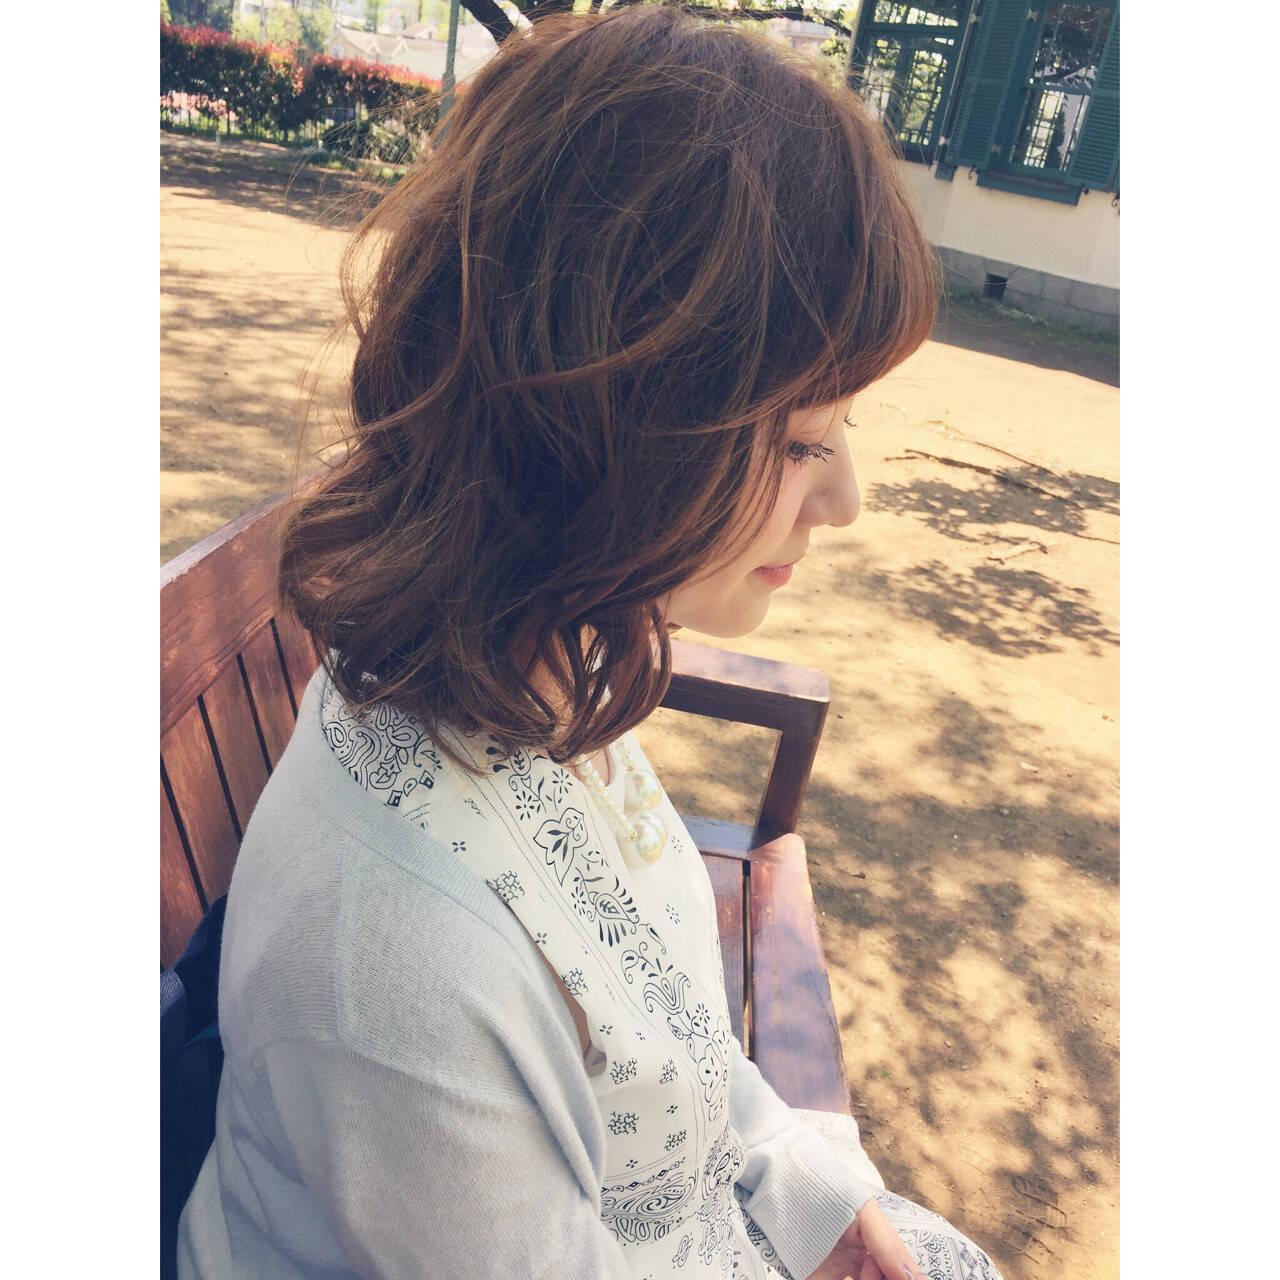 ナチュラル ショート レイヤーカット ブラウンヘアスタイルや髪型の写真・画像